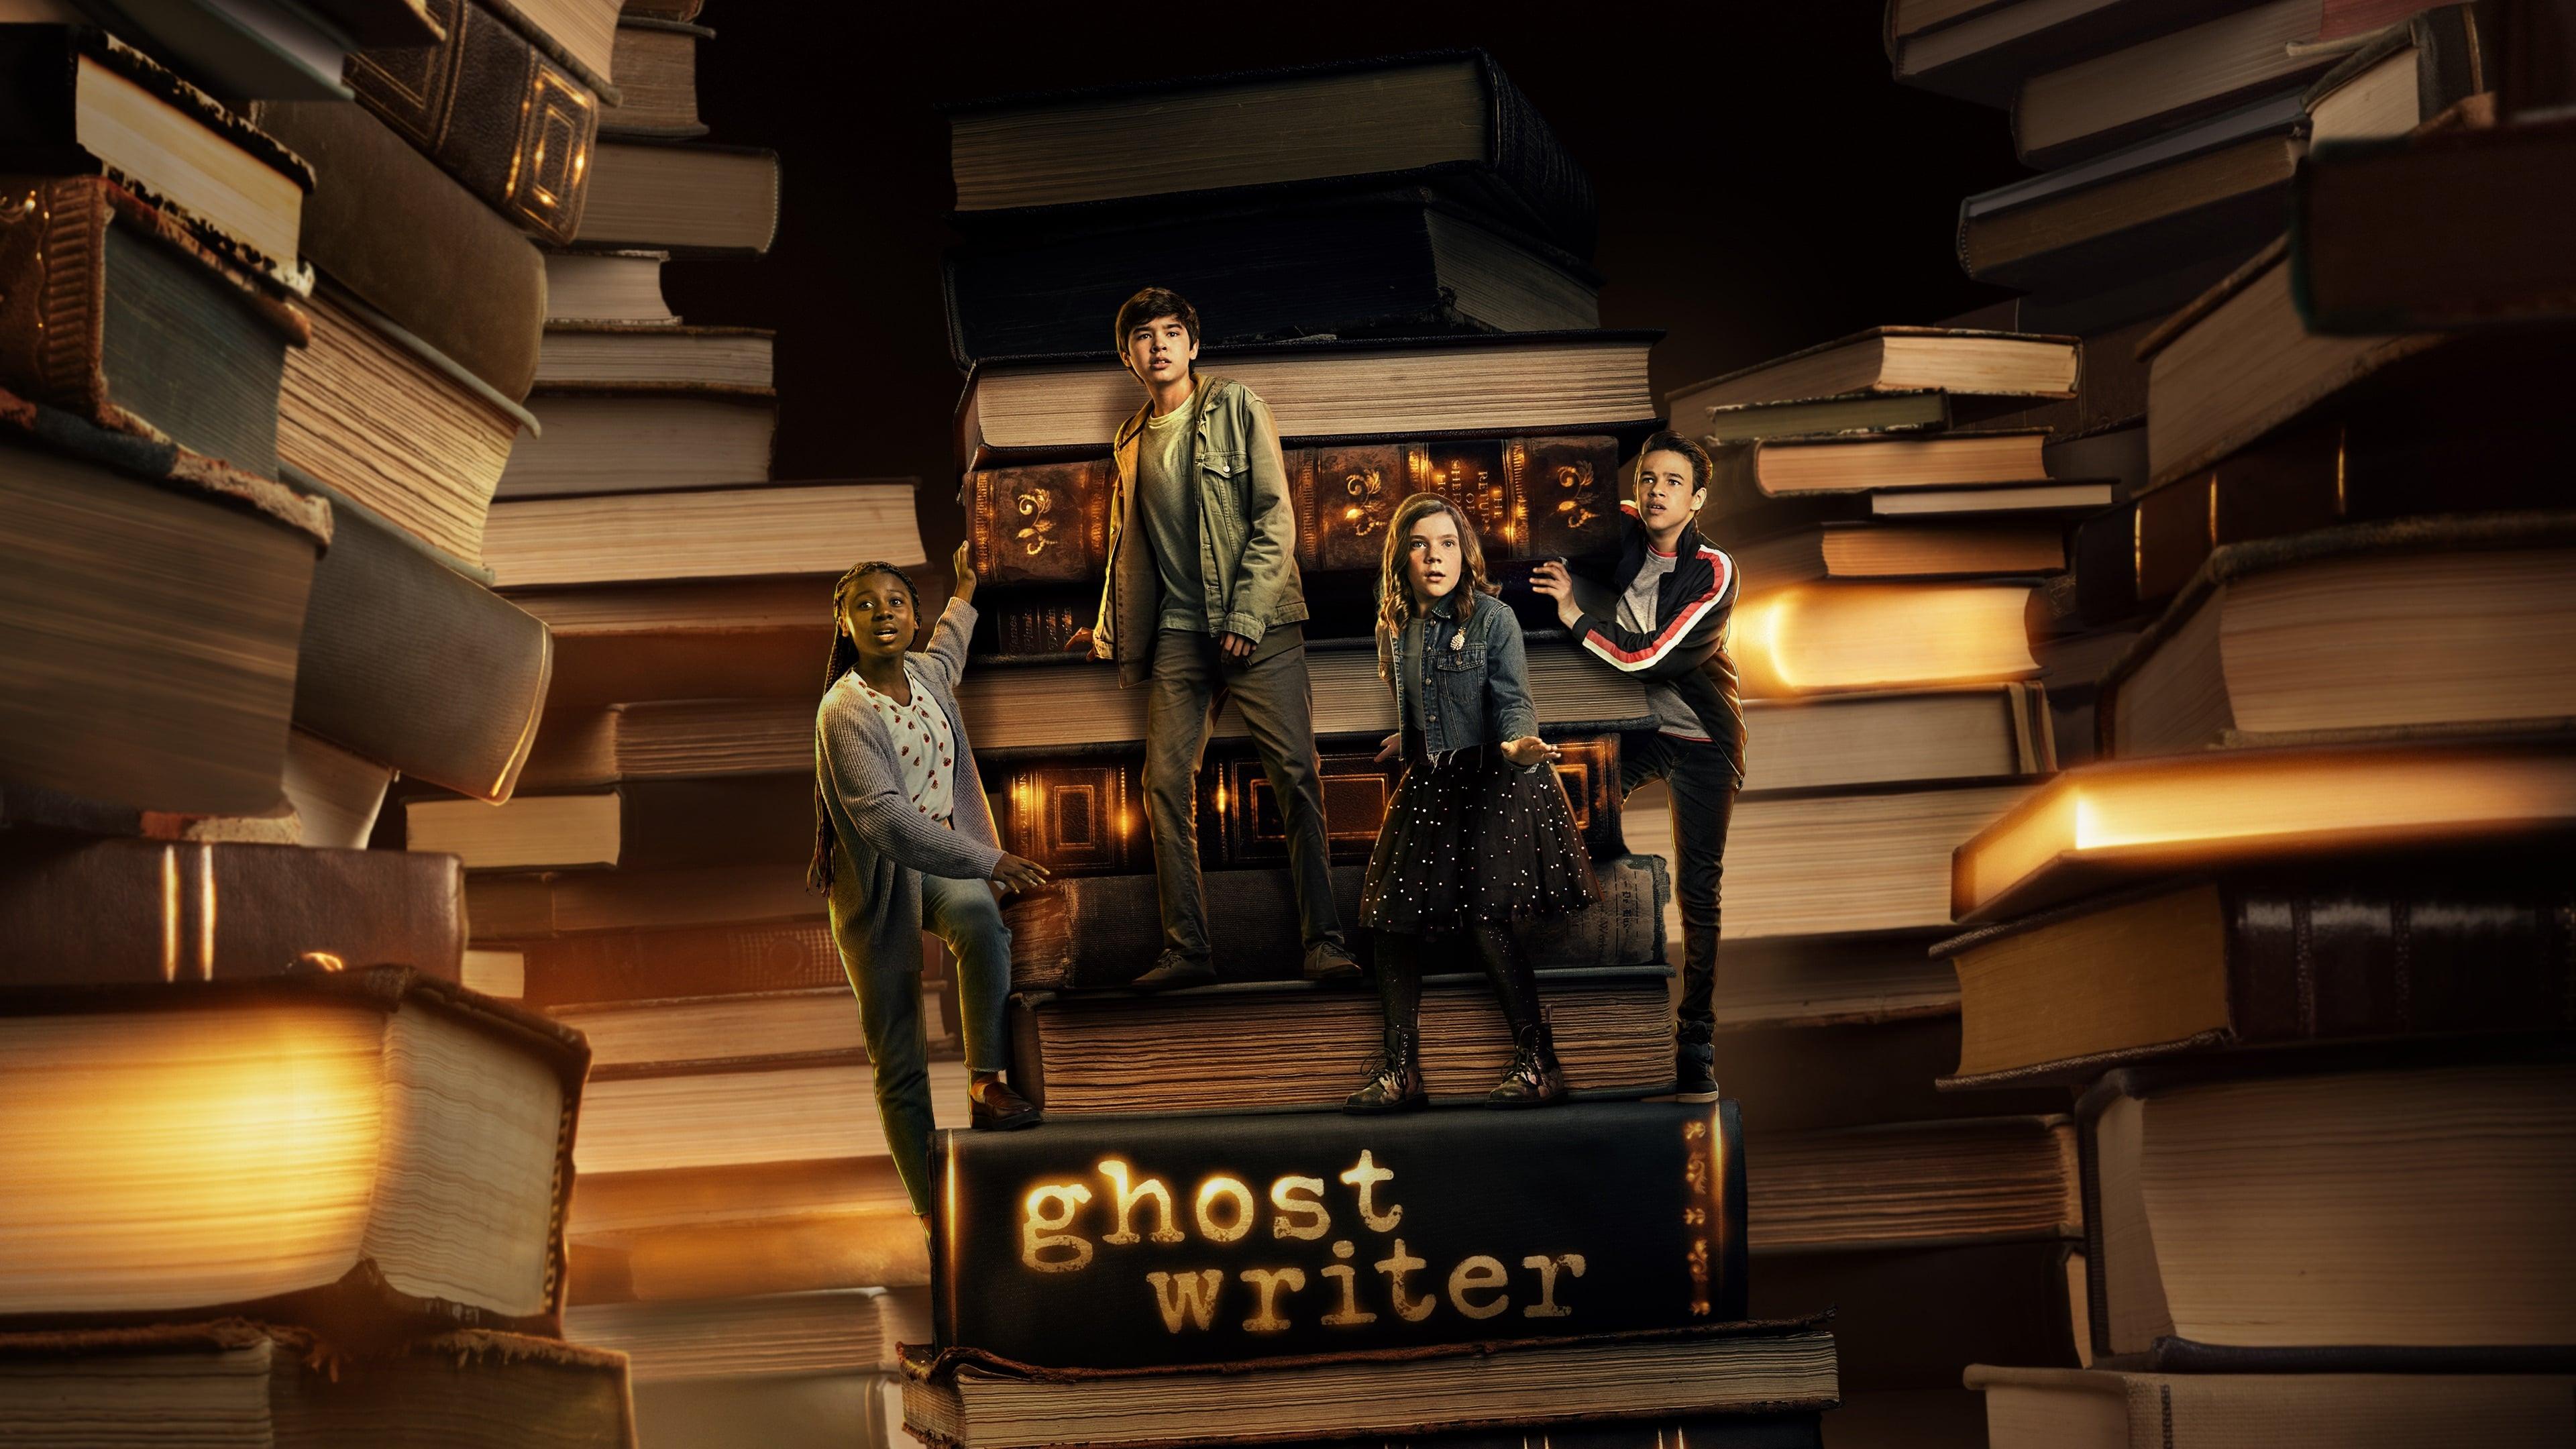 El escritor fantasma (Ghostwriter)